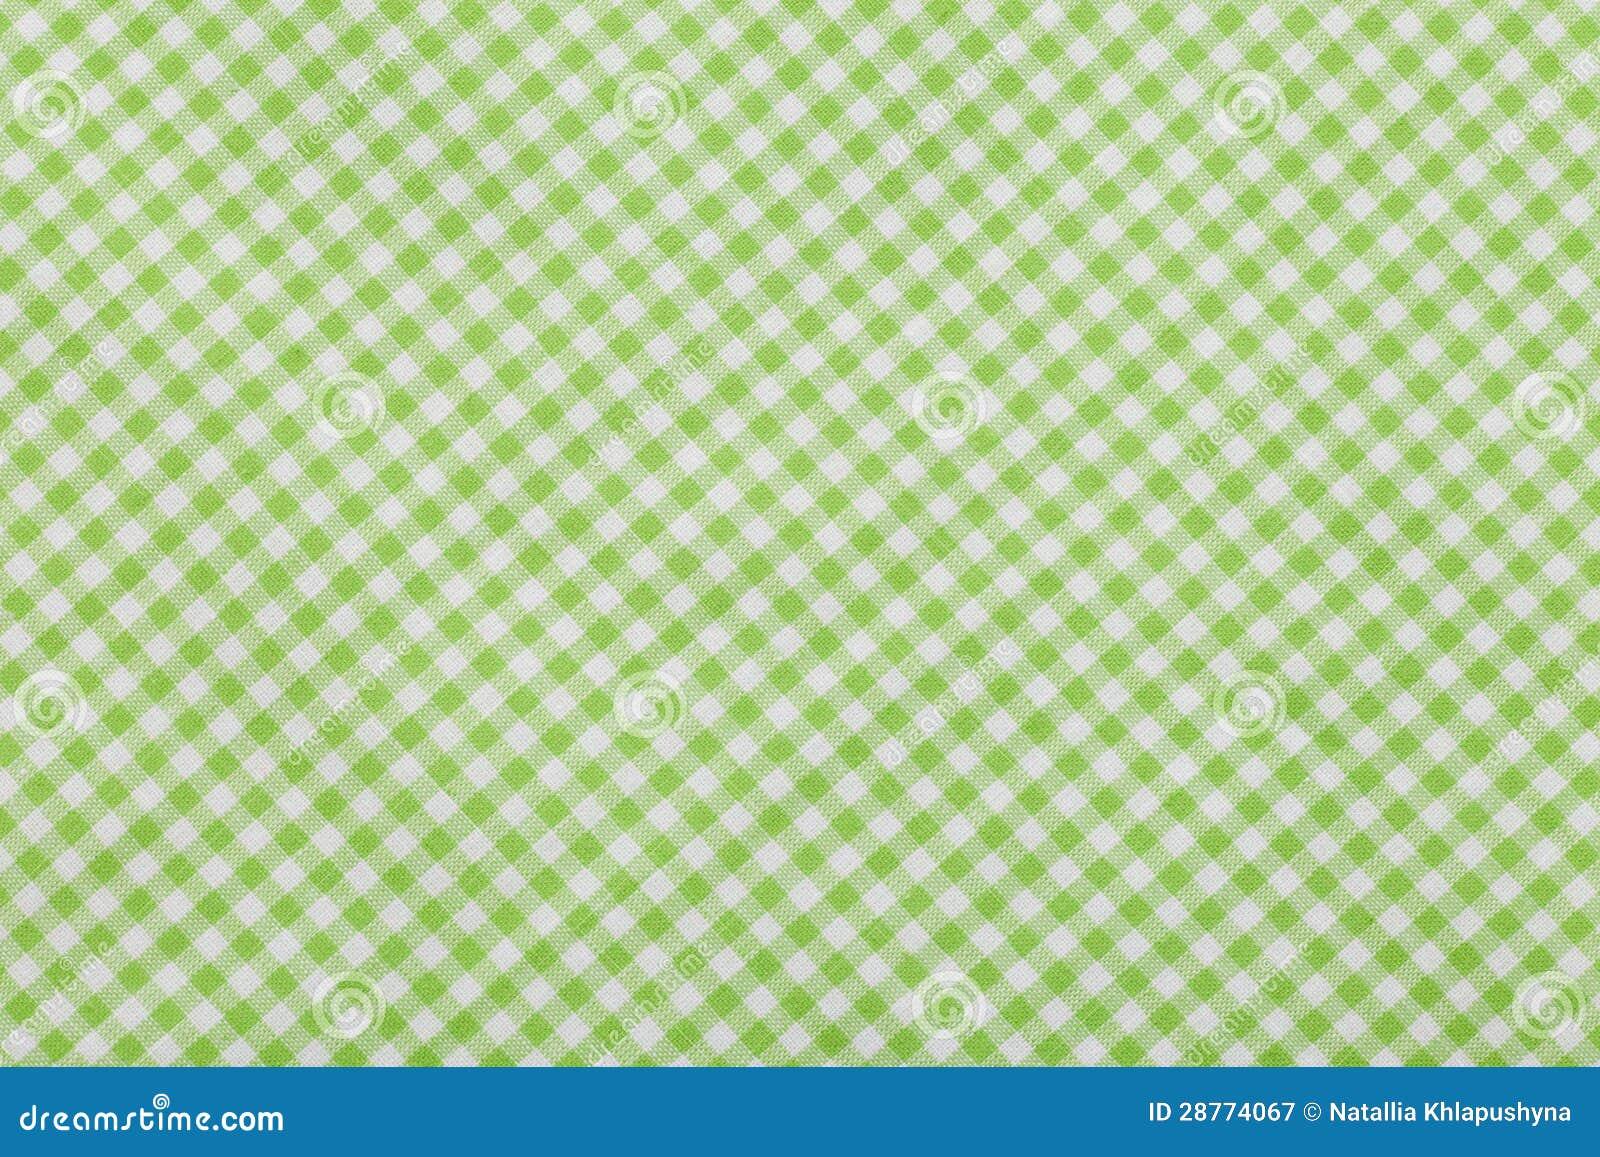 Fondo a cuadros verde del mantel